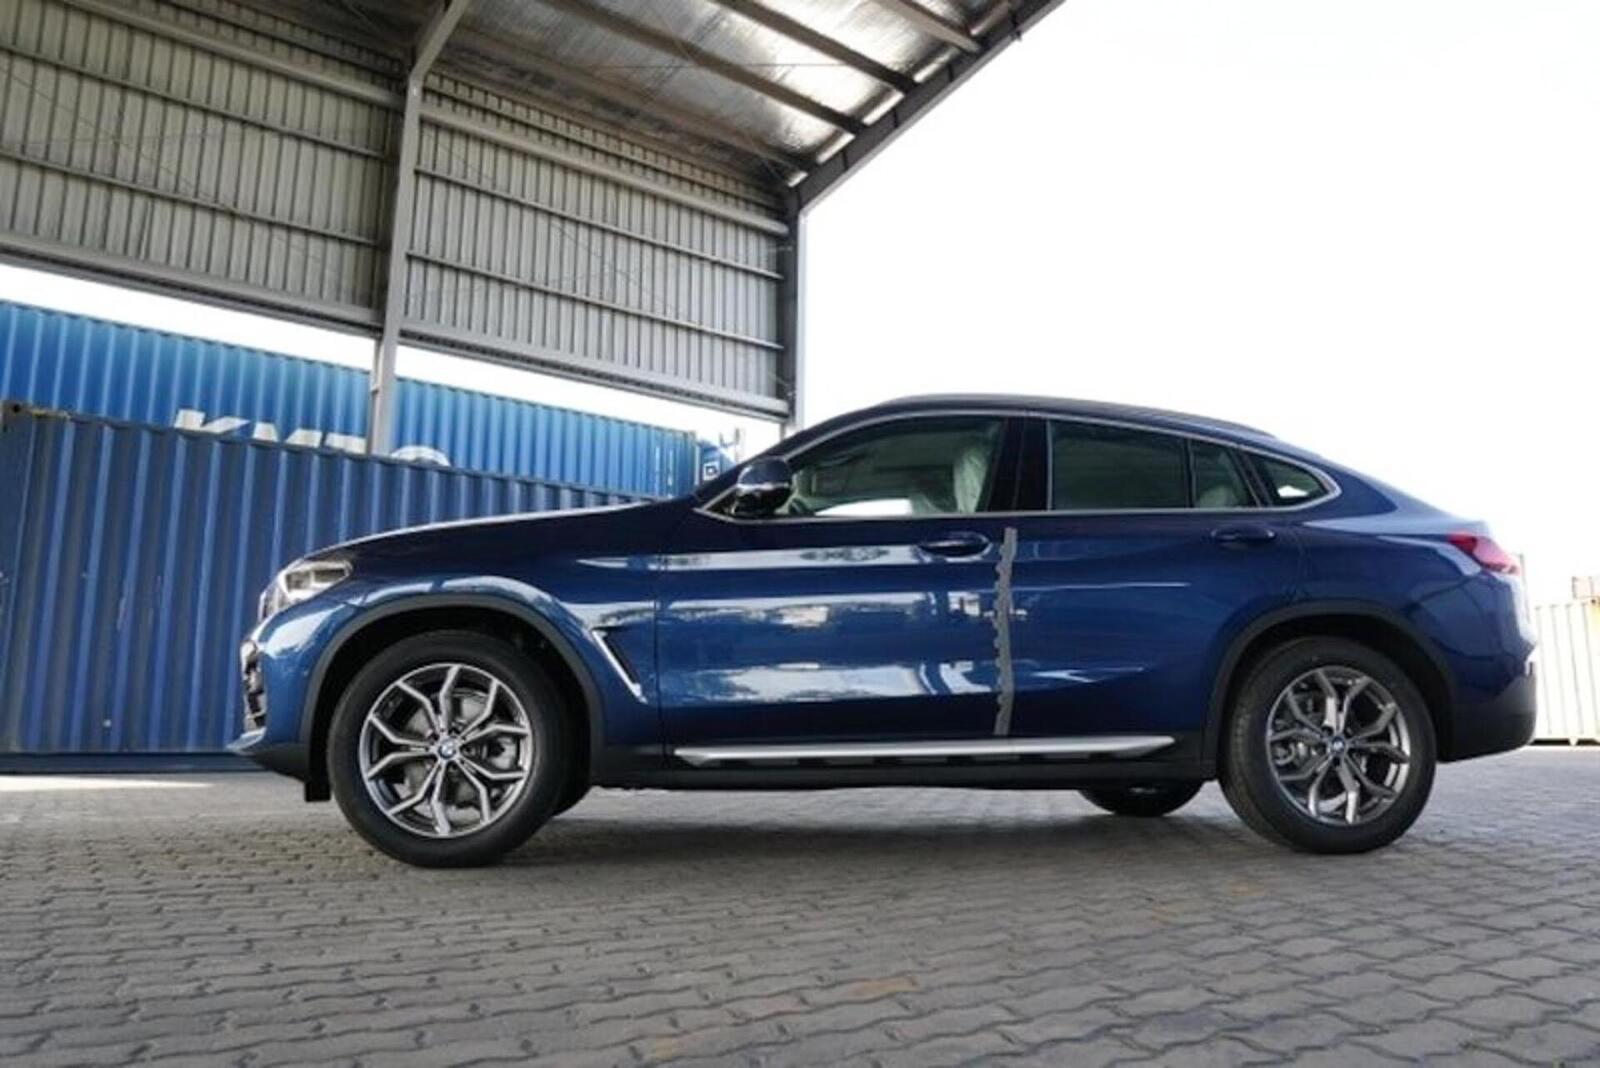 THACO đưa BMW X4 thế hệ mới về cảng; sắp sửa ra mắt; mời các bác dự đoán giá bán - Hình 3